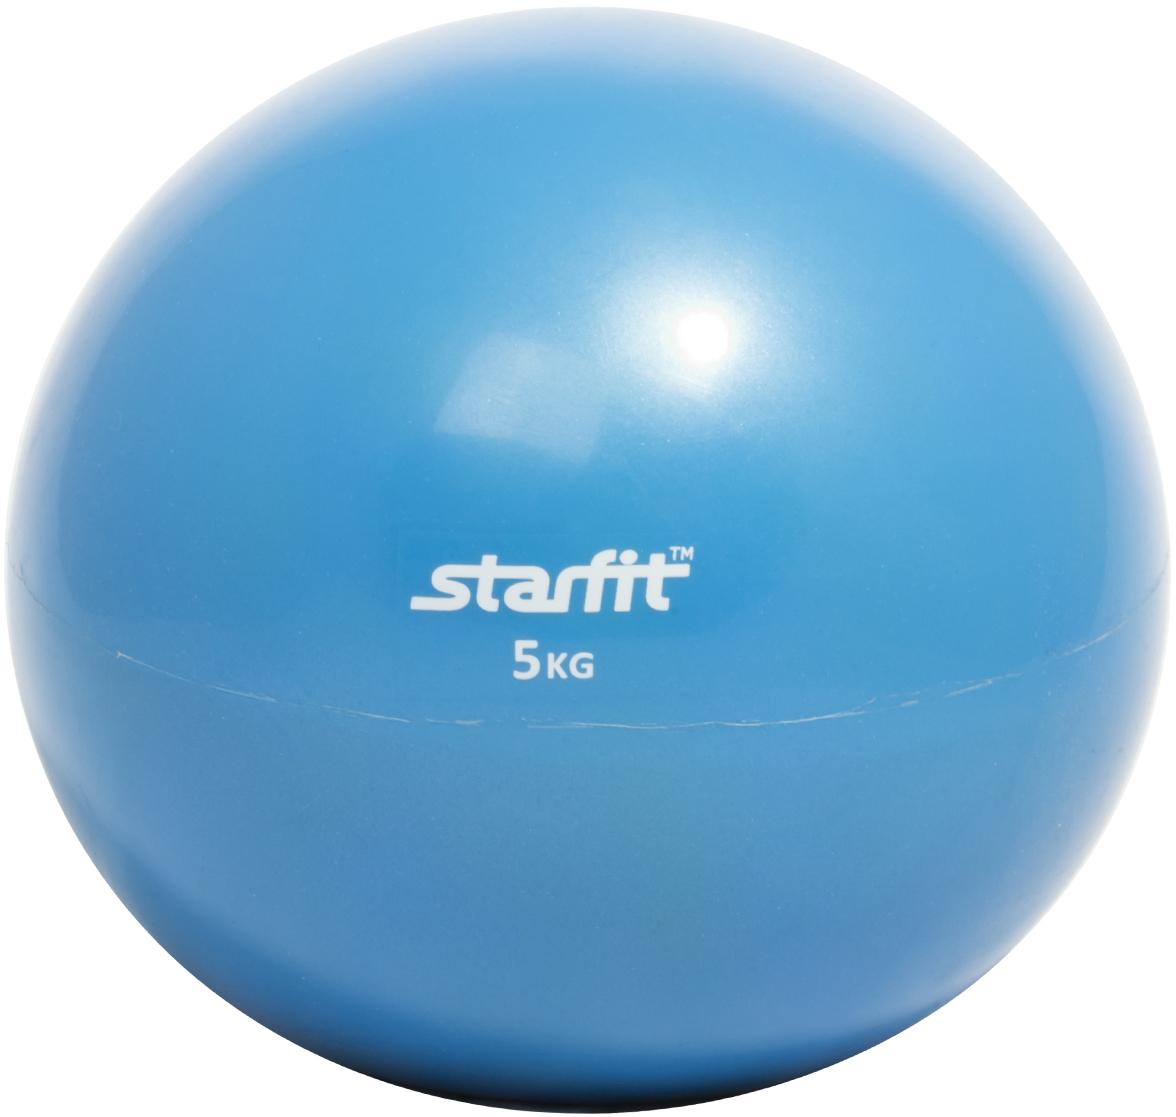 Медицинбол Starfit GB-703, цвет: синий, 5 кгУТ-00008276Медицинбол GB-703 -это качественная модель Star Fit, которую используют и профессиональные спортсмены и любители. Медицинбол Star Fit имеет яркую цветовую гамму, которая никого не оставит равнодушным.Важный аксессуар для функциональной тренировки тела. Его используют в групповых программах, функциональном тренинге, бодибилдинге, фитнесе и пилатесе. Помогает в тренировке мышц пресса, мышц рук, грудной клетки, спины, плеч, ног и ягодиц. Его применяют для разнообразия и новизны в тренировках, что позволяет с помощью него провести полноценную тренировку для всего организма. Характеристики:Материал: ПВХНаполнитель: песокВес, кг: 5Цвет: синийКоличество в упаковке, шт: 1Производство: КНР